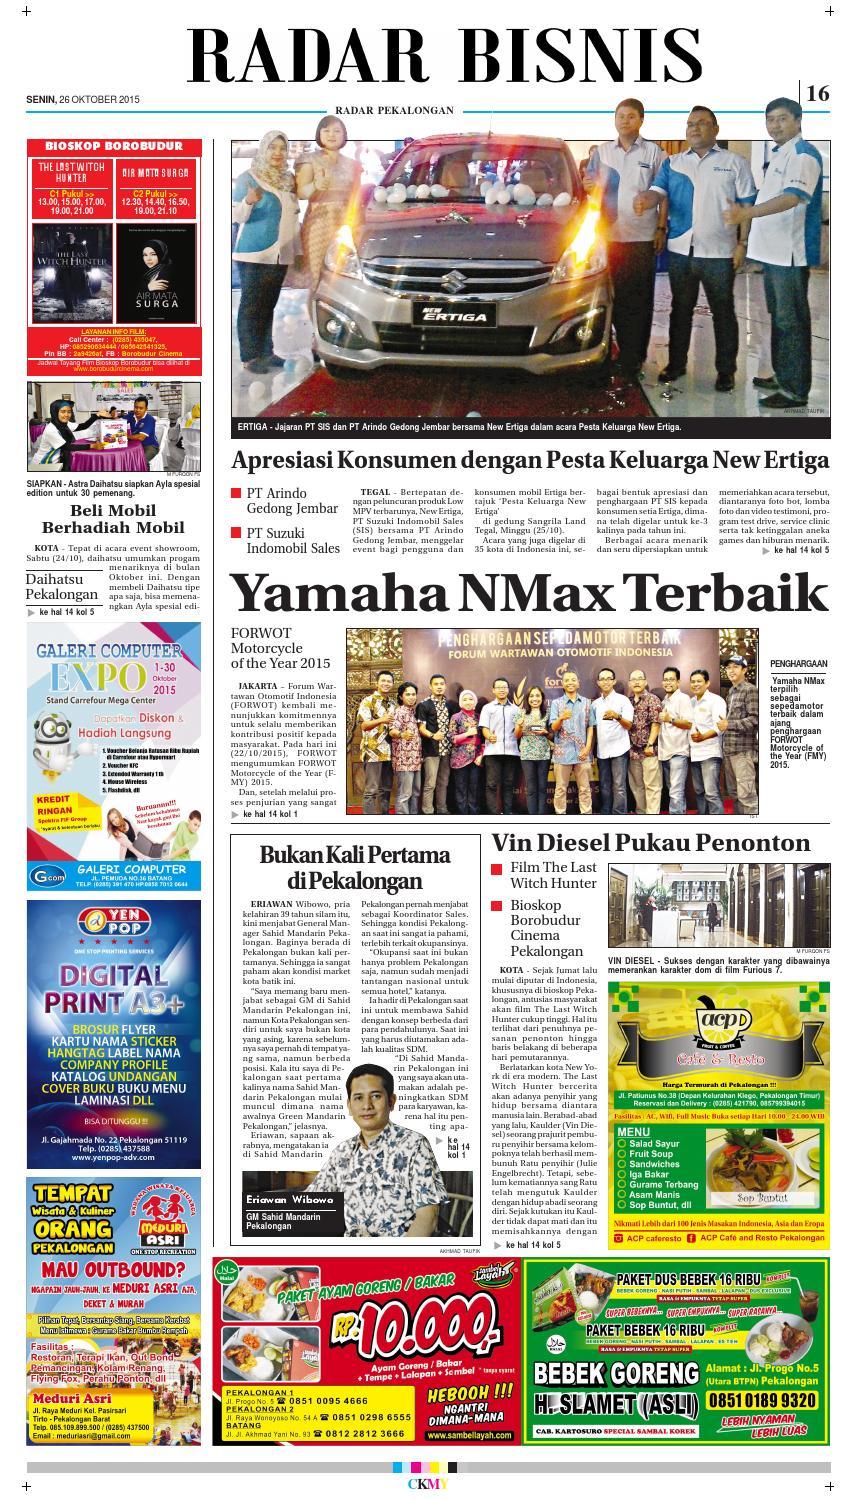 Jadwal Cinema Borobudur Pekalongan : jadwal, cinema, borobudur, pekalongan, Radar, Pekalongan, Oktober, Issuu